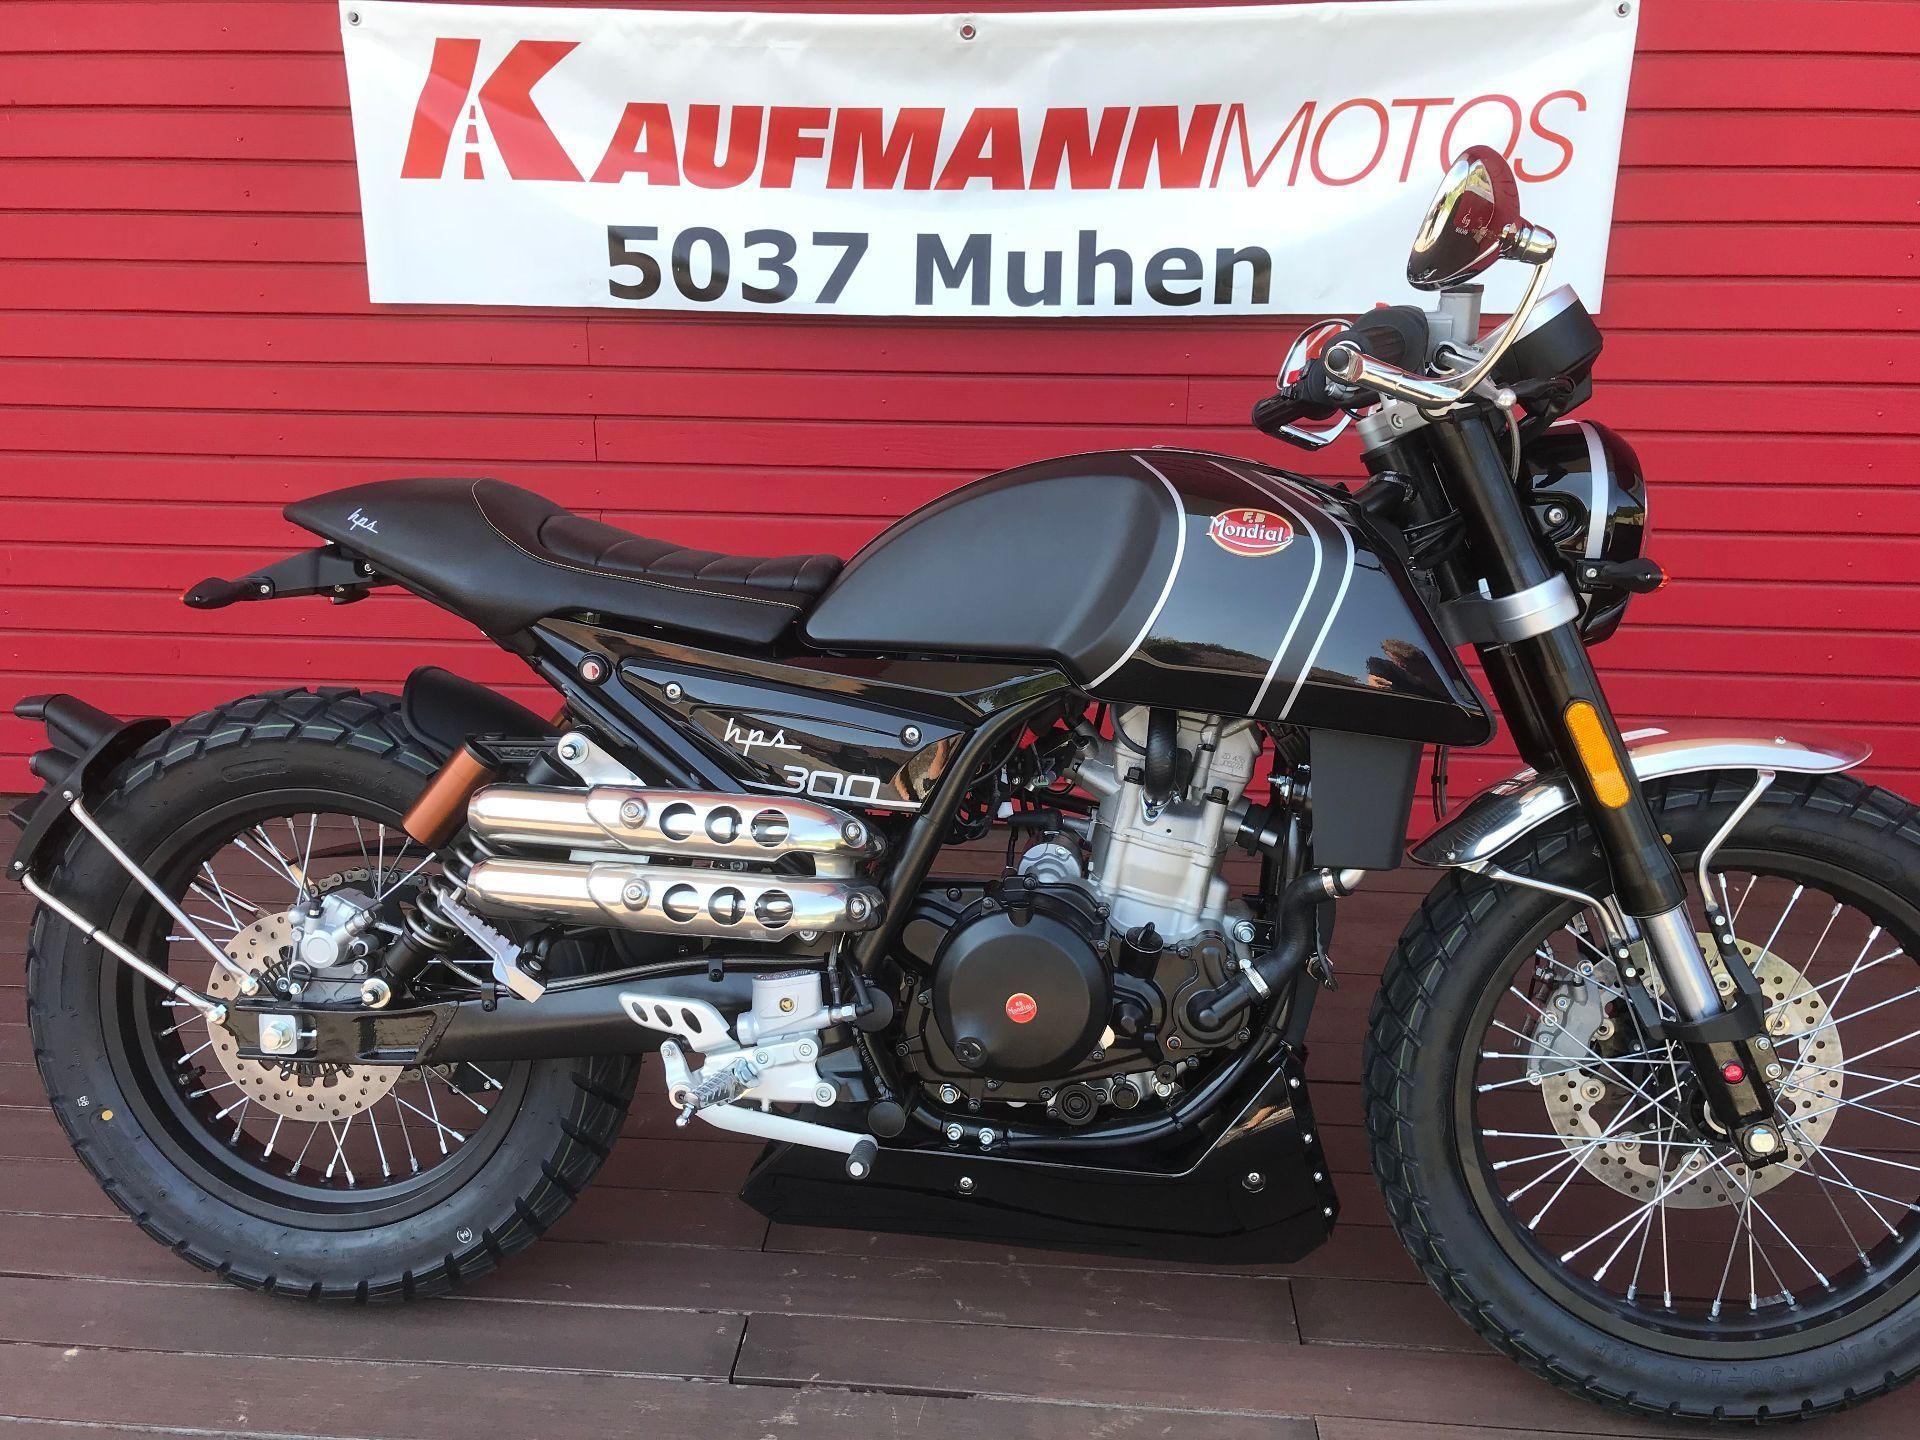 moto neuve acheter mondial hps 125 hps 300 kaufmann motos ag muhen. Black Bedroom Furniture Sets. Home Design Ideas